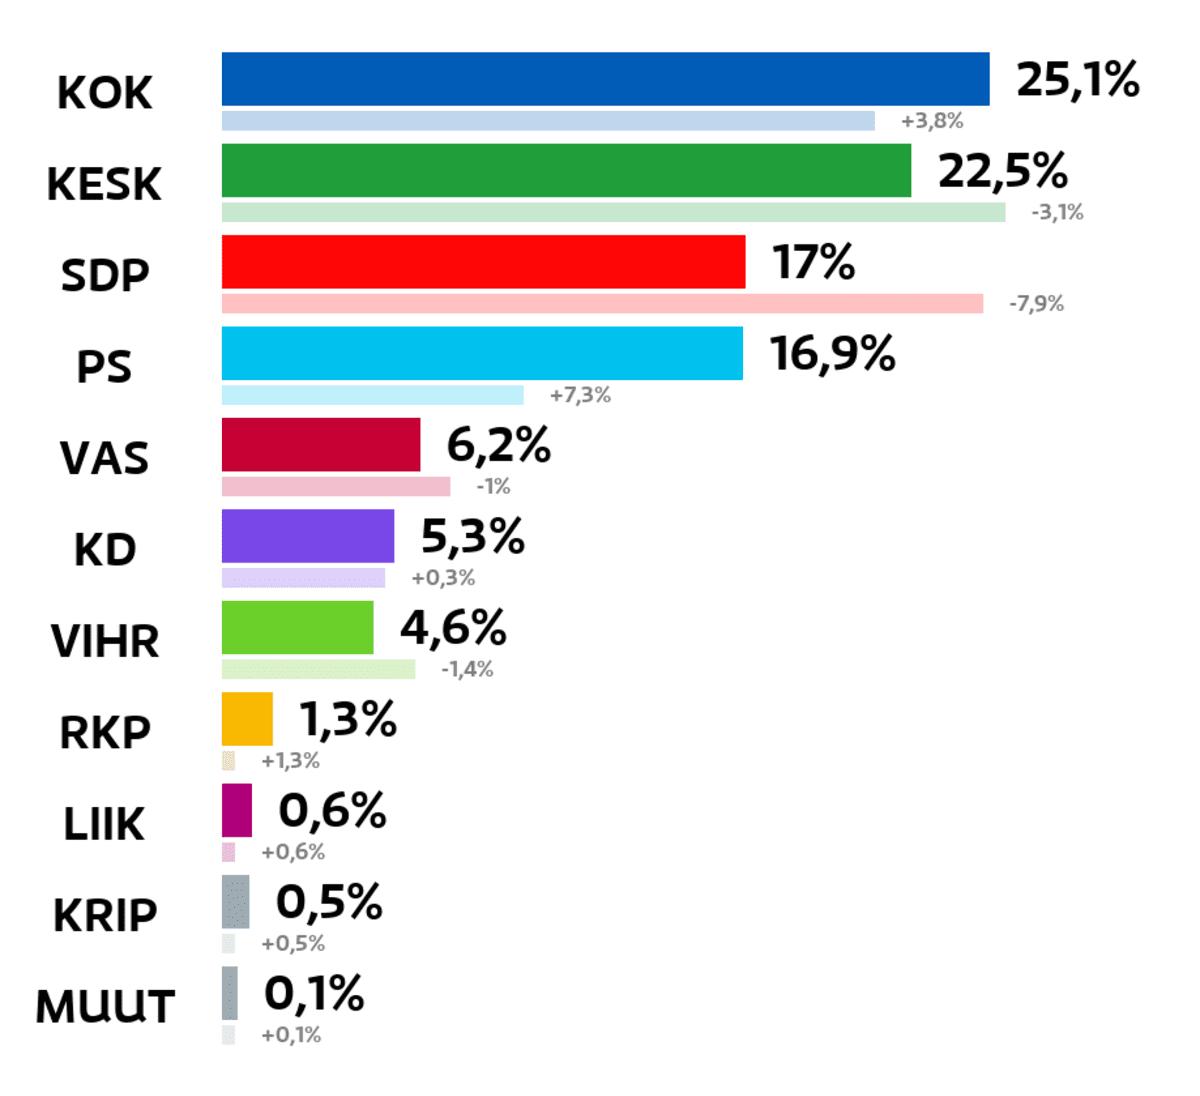 Sastamala: Kuntavaalien tulos (%) Kokoomus: 25,1 prosenttia Keskusta: 22,5 prosenttia SDP: 17 prosenttia Perussuomalaiset: 16,9 prosenttia Vasemmistoliitto: 6,2 prosenttia Kristillisdemokraatit: 5,3 prosenttia Vihreät: 4,6 prosenttia RKP: 1,3 prosenttia Liike Nyt: 0,6 prosenttia Kristallipuolue: 0,5 prosenttia Muut ryhmät: 0,1 prosenttia